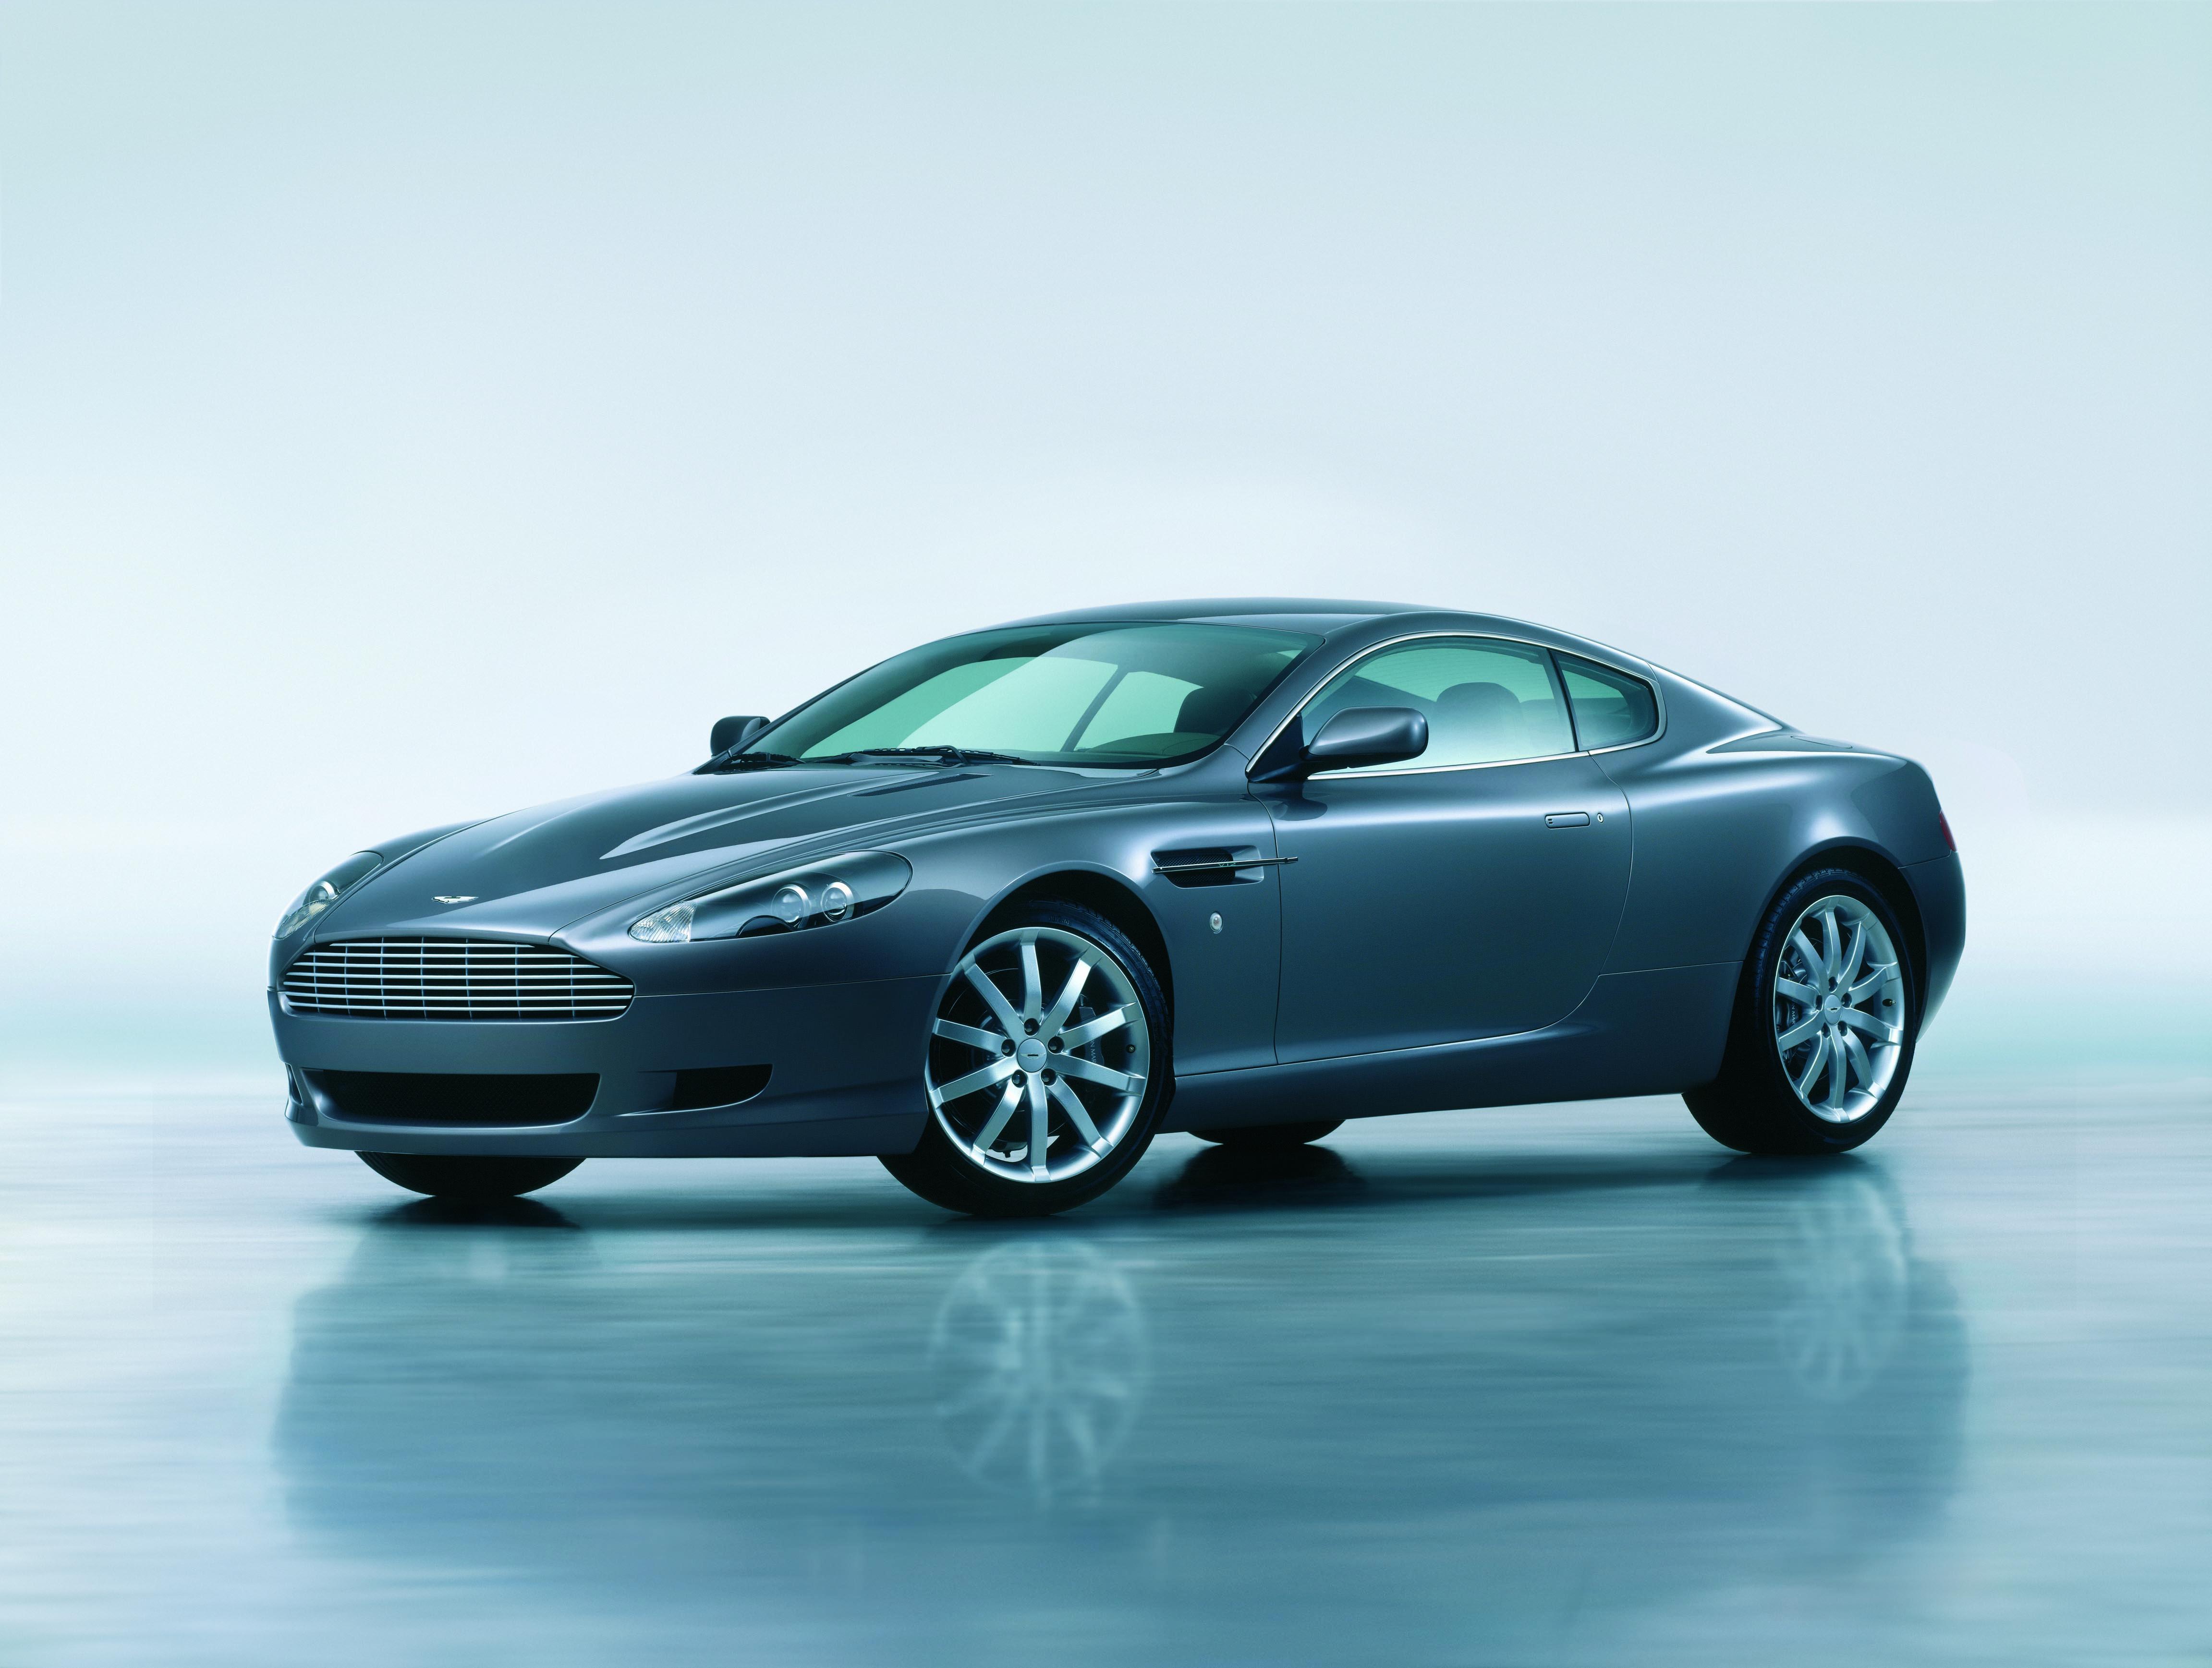 Aston Martin DB9 – testy i recenzje zdjęcia opinie dane techniczne